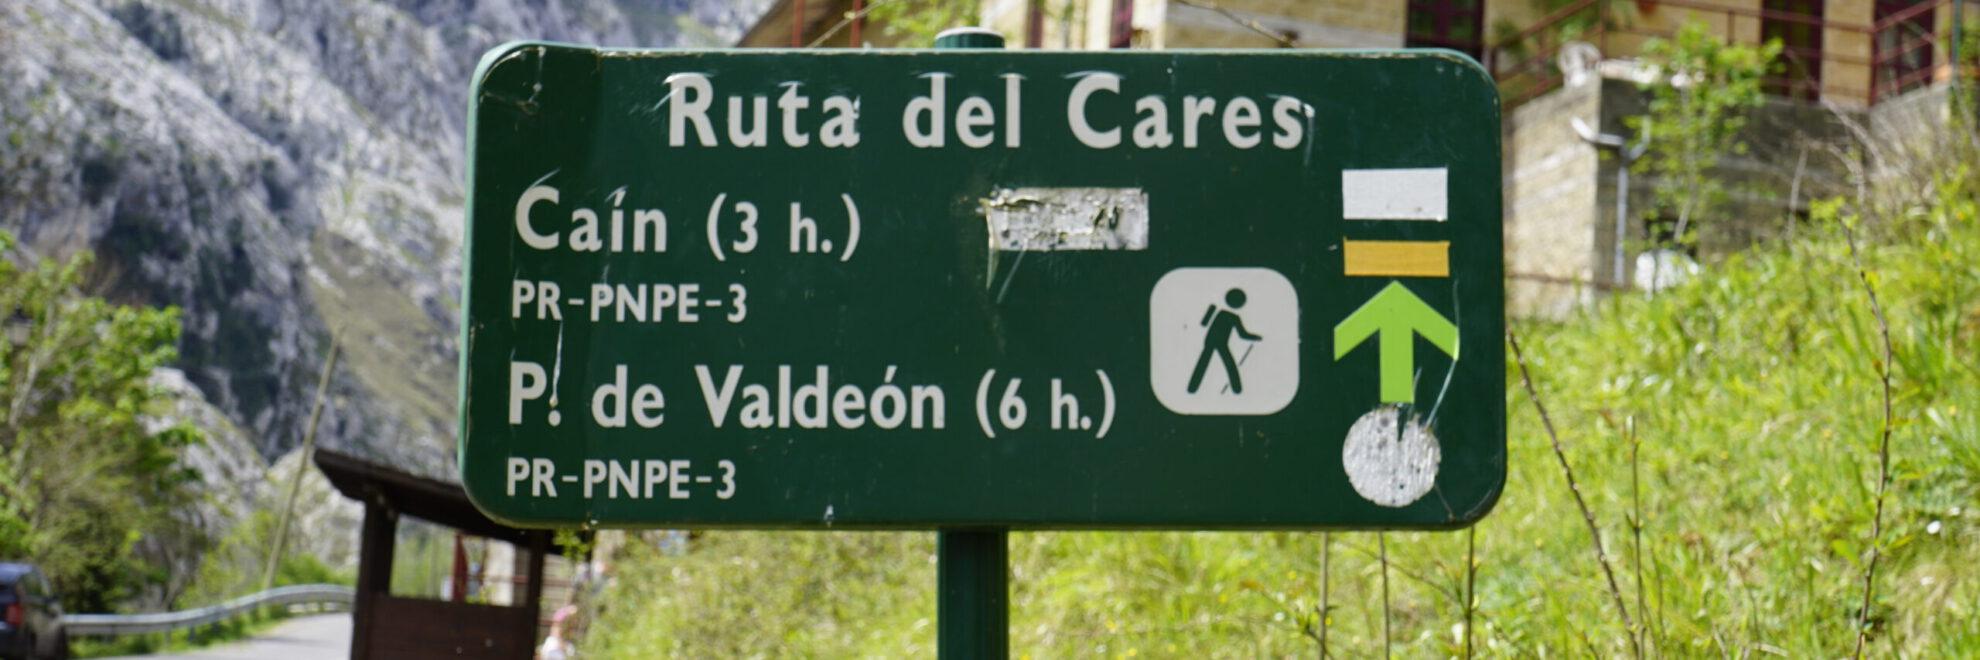 Cabrales: Ruta del Cares (Inhaltsverzeichnis)